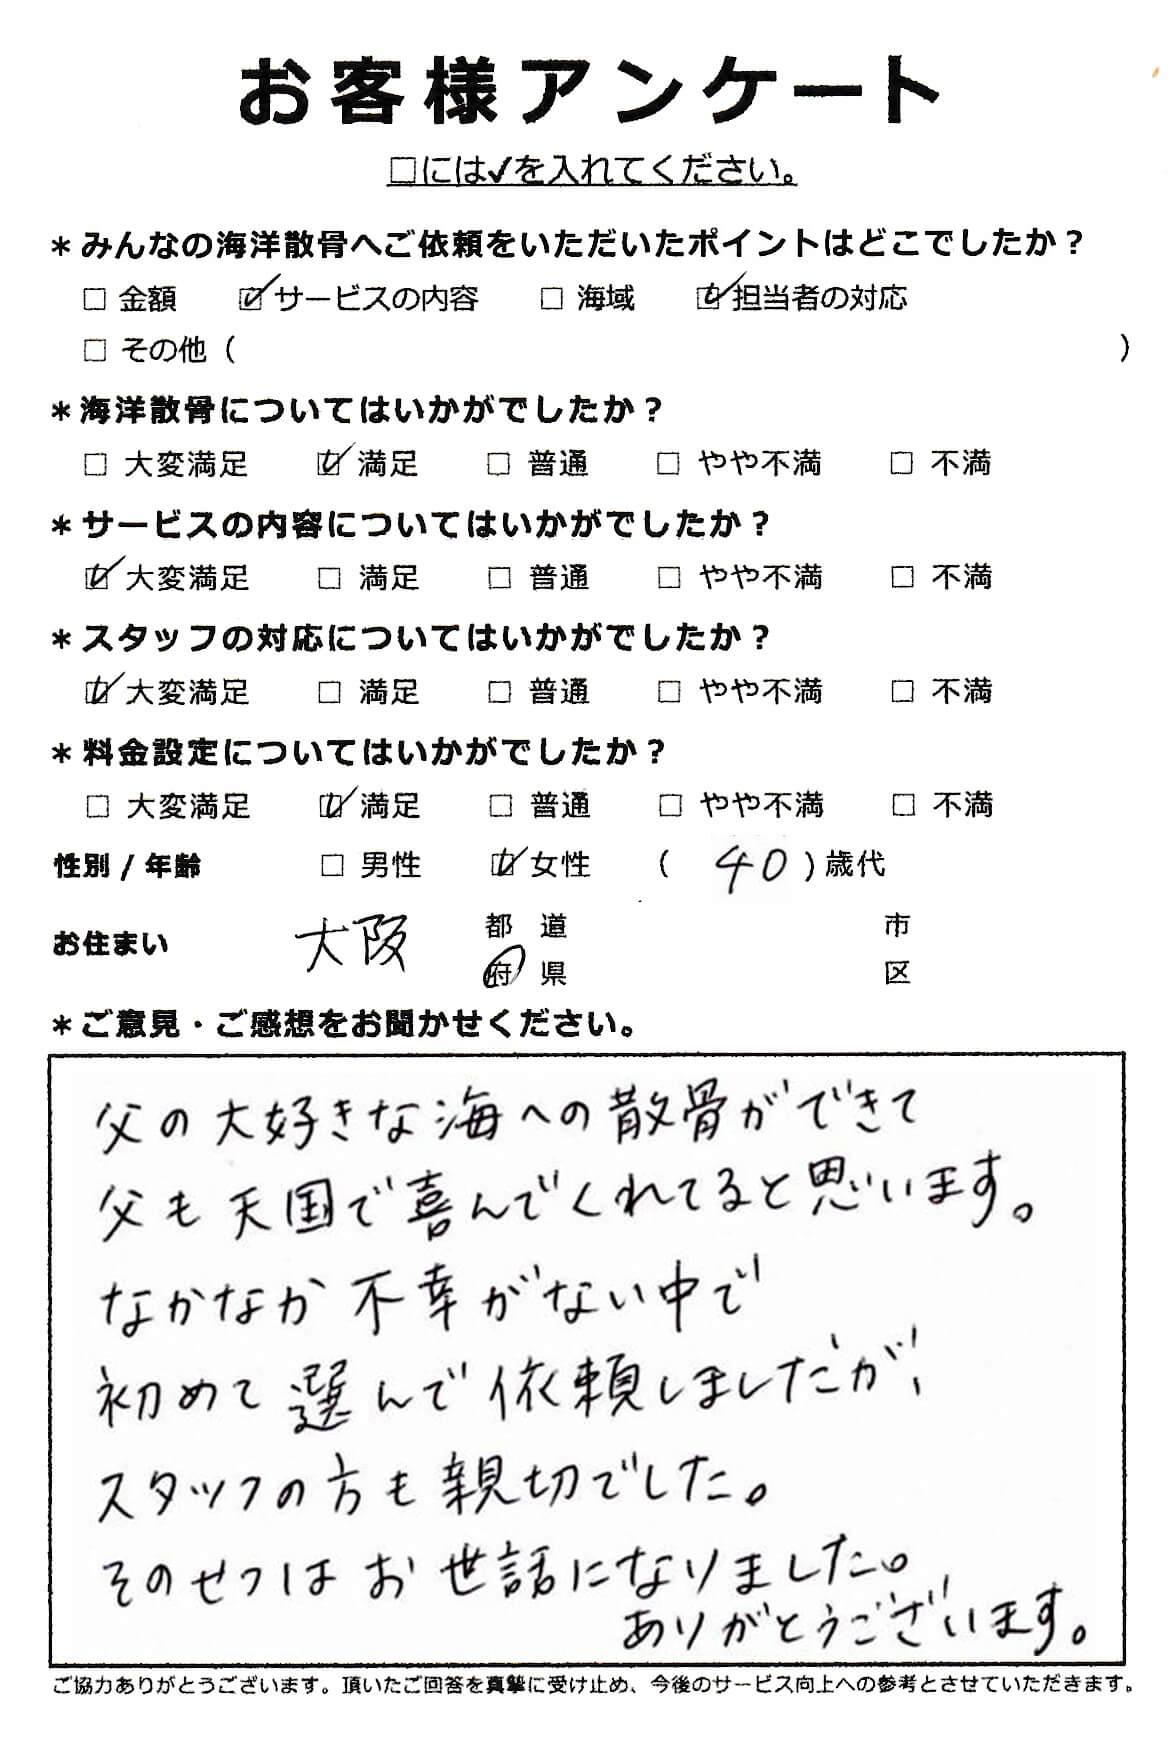 大阪市 40歳代女性 貸切乗船散骨